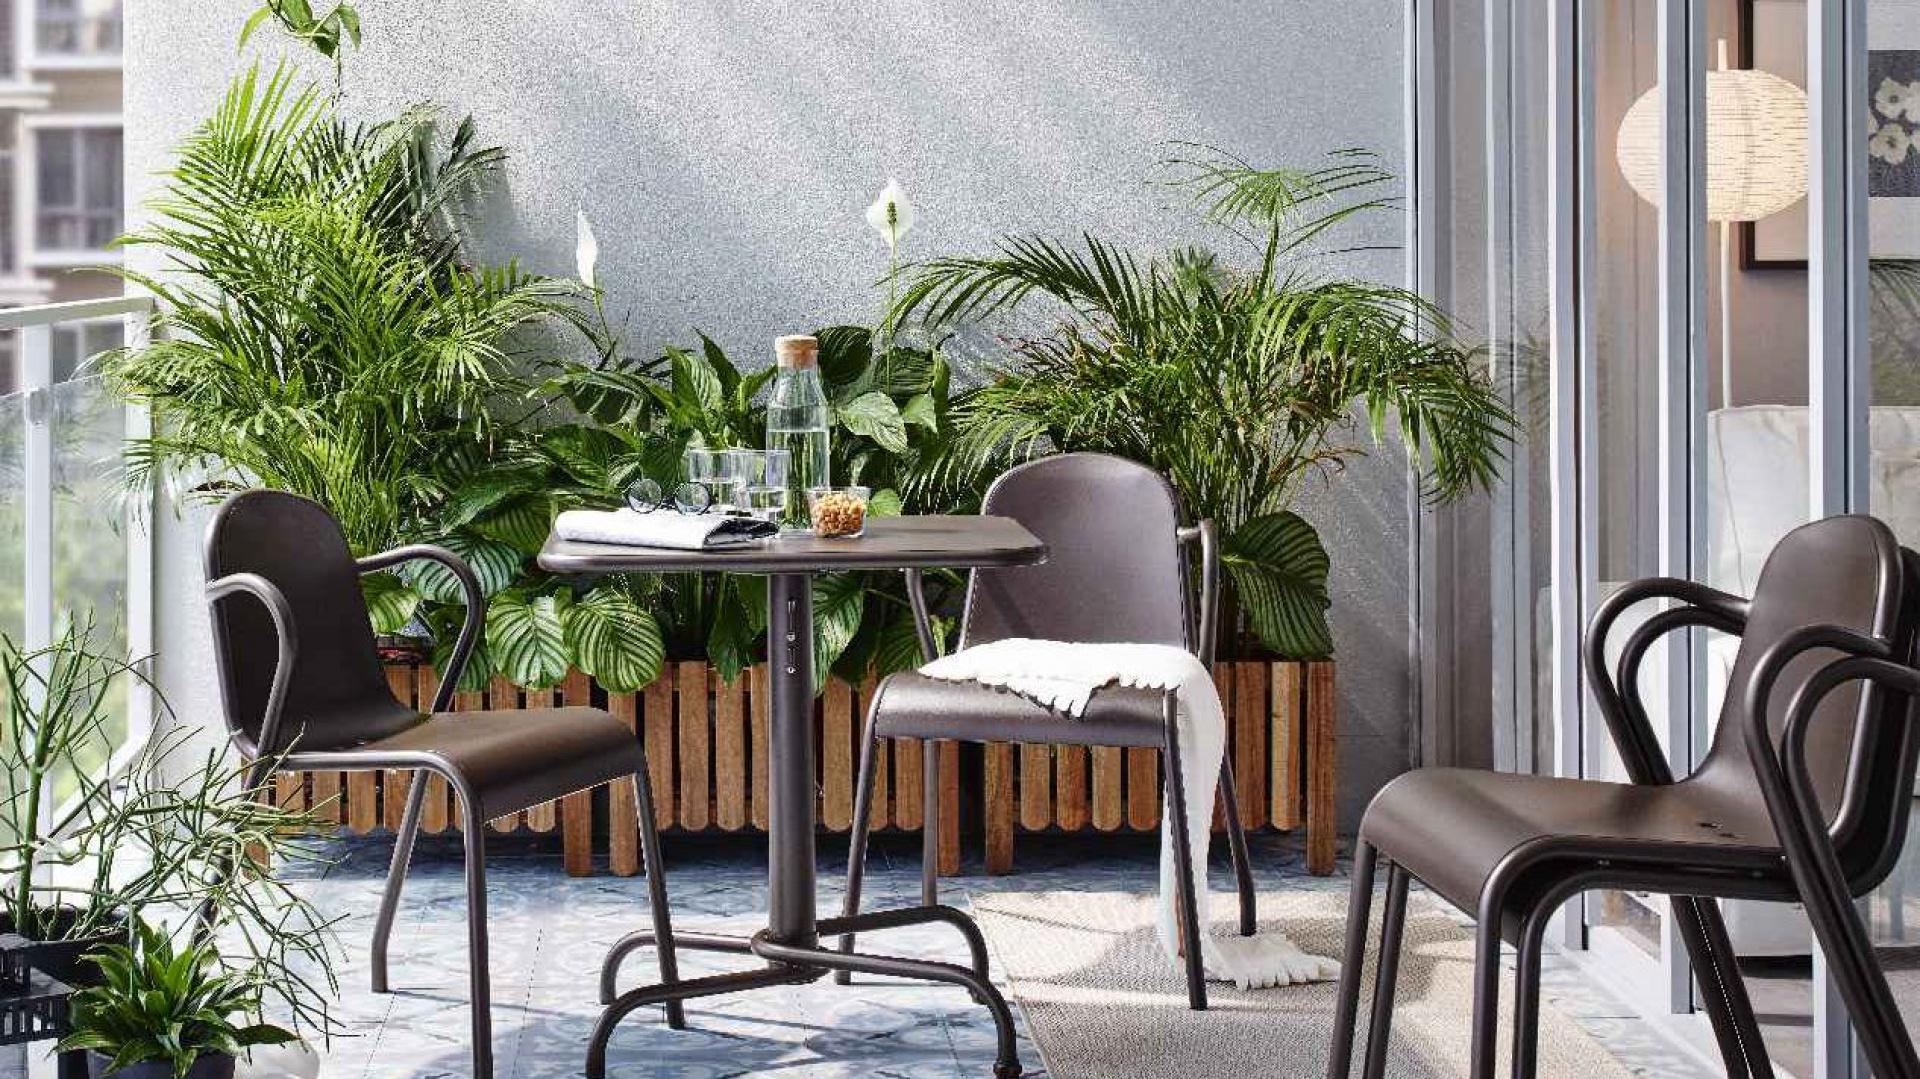 Zamiast kilku ustawionych w jednym rzędzie donic, możemy wybrać jedną, dużą drewnianą skrzynię, która sama w sobie będzie dekoracją balkonu i pomieści w sobie dożo mniejszych donic z roślinnością. Fot. IKEA